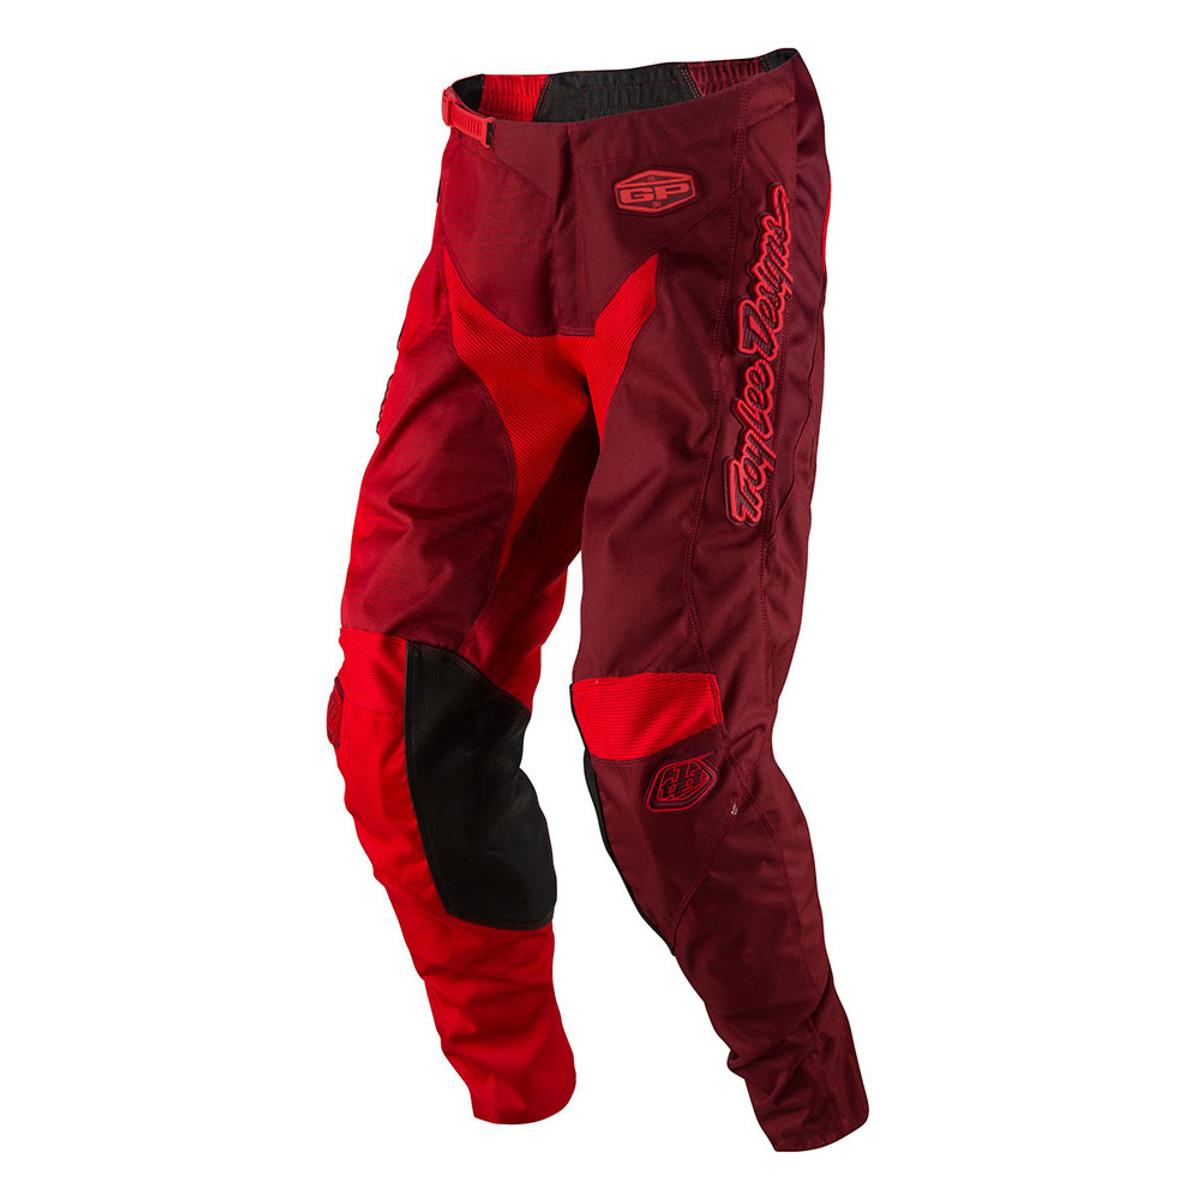 Troy Lee Designs GP 50/50 Pants Troy Lee Designs GP 50/50 Red